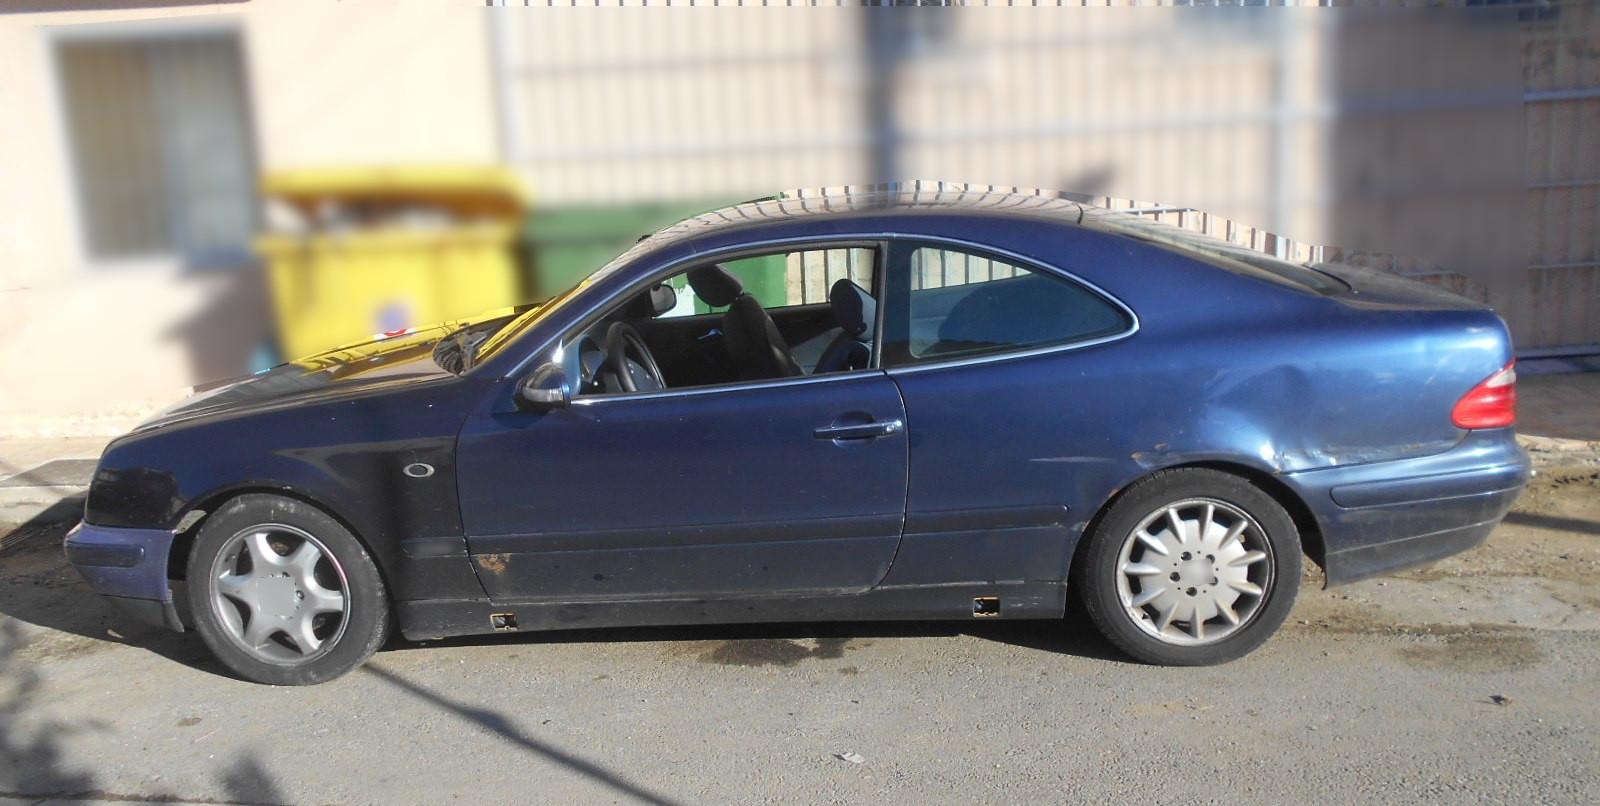 Εγνατία: 6 συλλήψεις διακινητών στο κομμάτι Ξάνθης – Κομοτηνής  σε μία ημέρα!